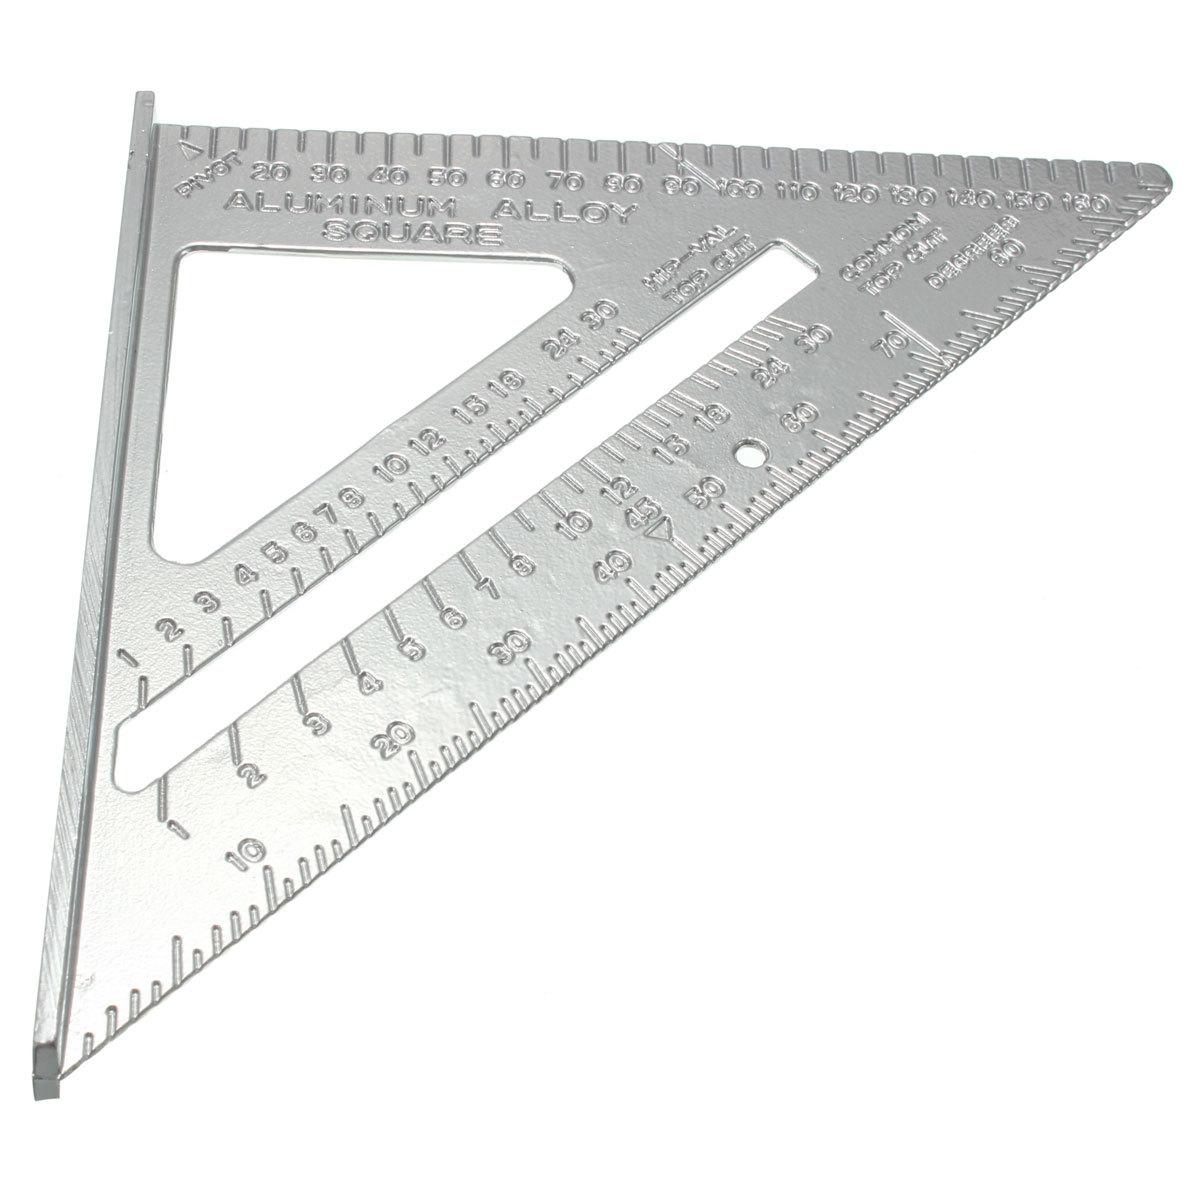 2 buah Square aluminium paduan kecepatan busur derajat mitra penyusunan pengukuran untuk tukang kayu - Internasional